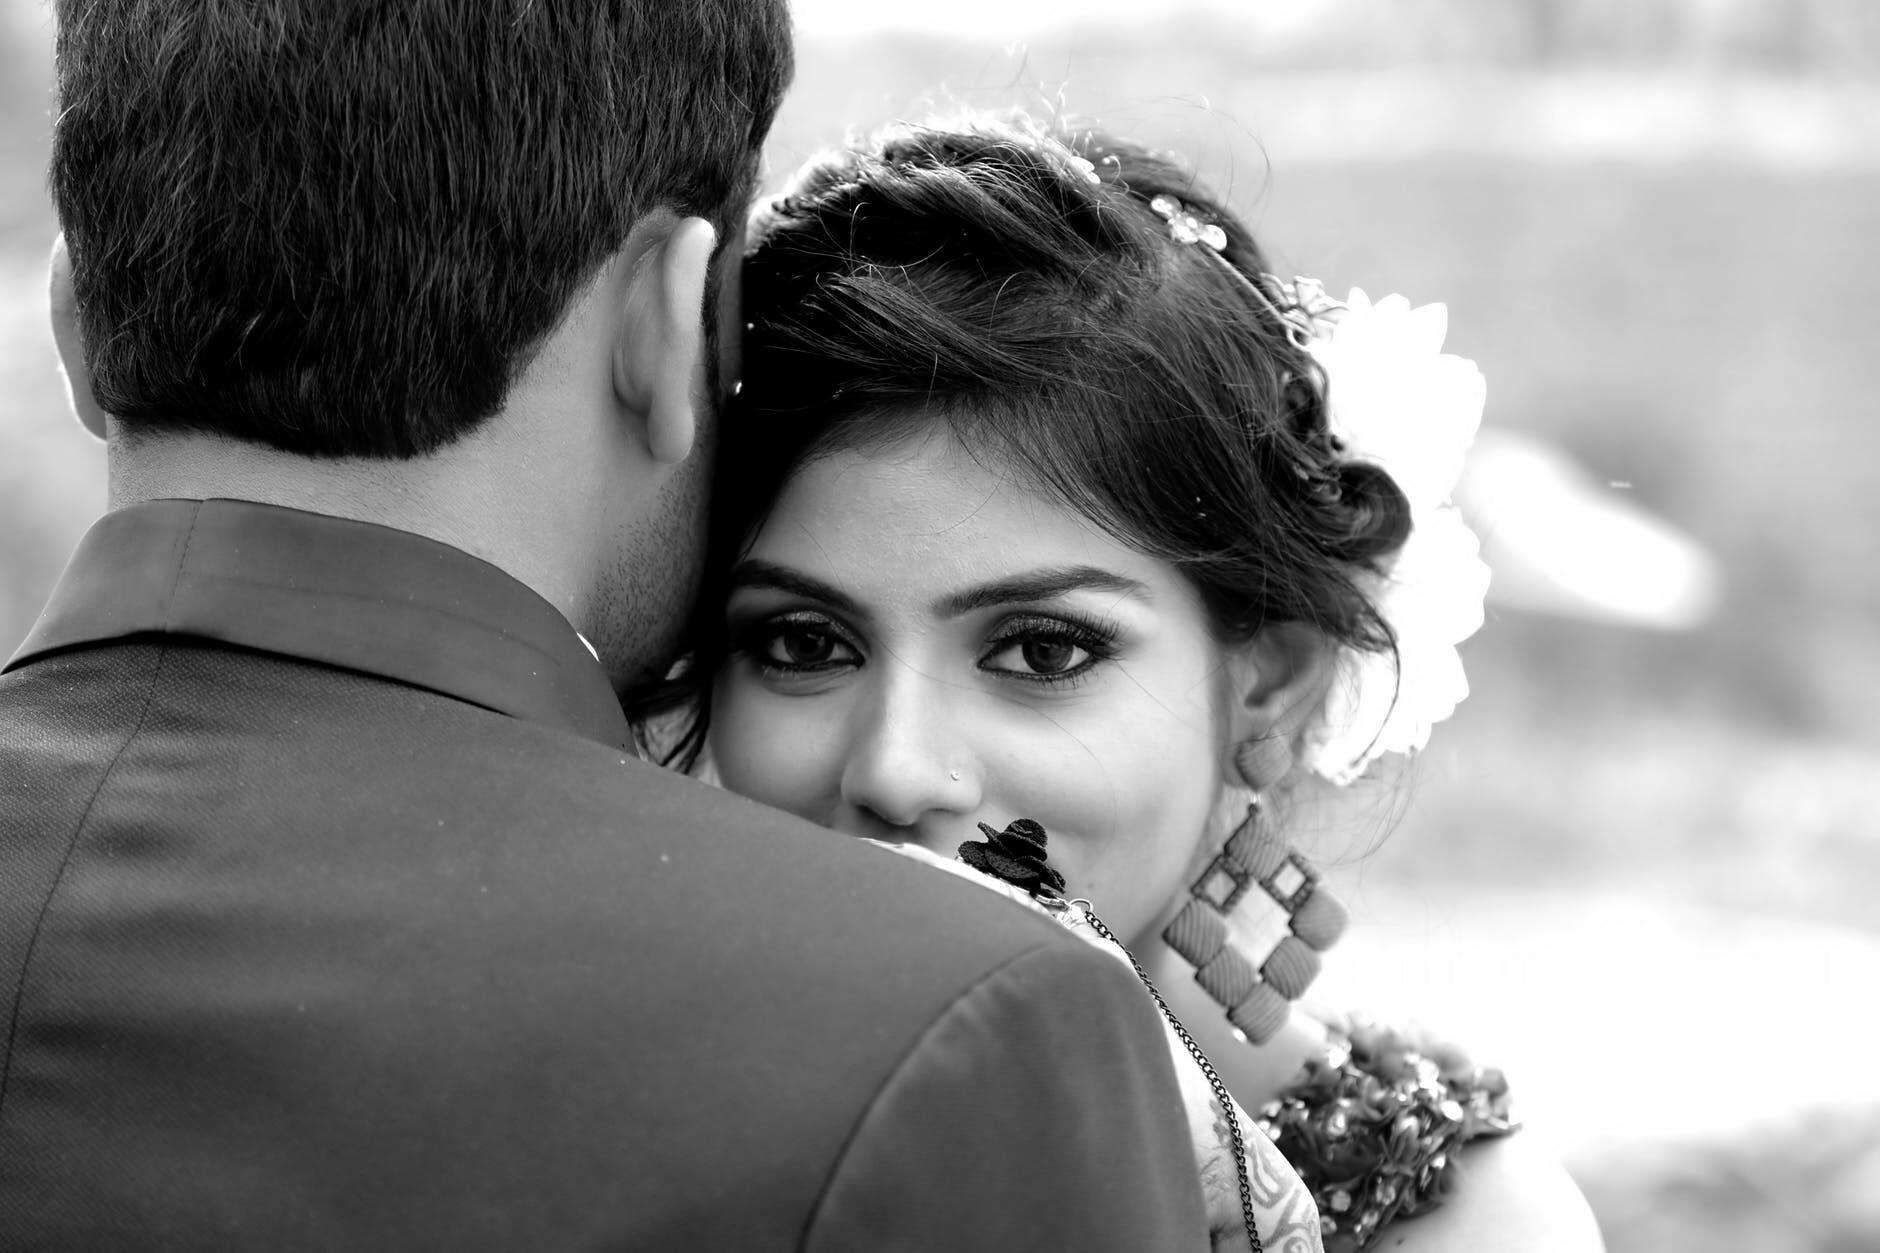 Girls, Ini 5 Hal yang Harus Kamu Relakan Jika Sudah Menikah